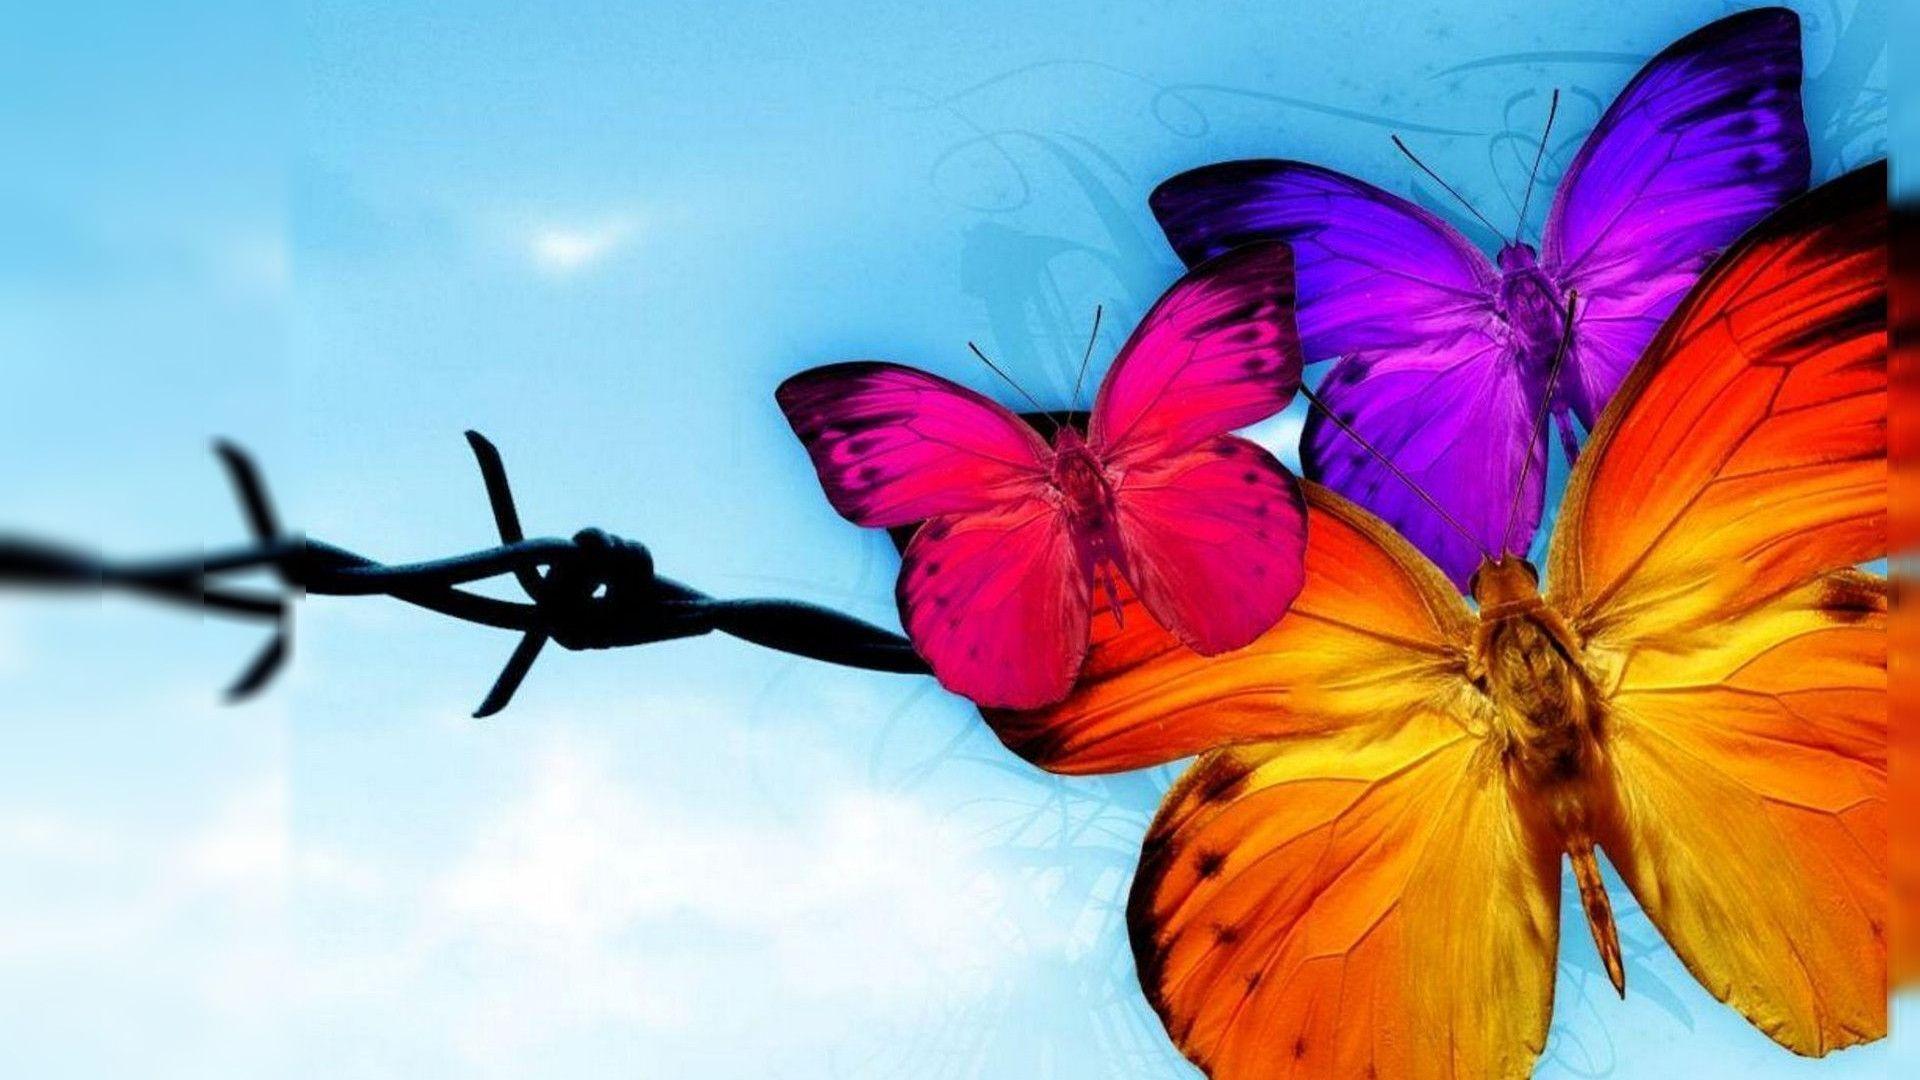 butterfly a· butterfly wallpaper hd free